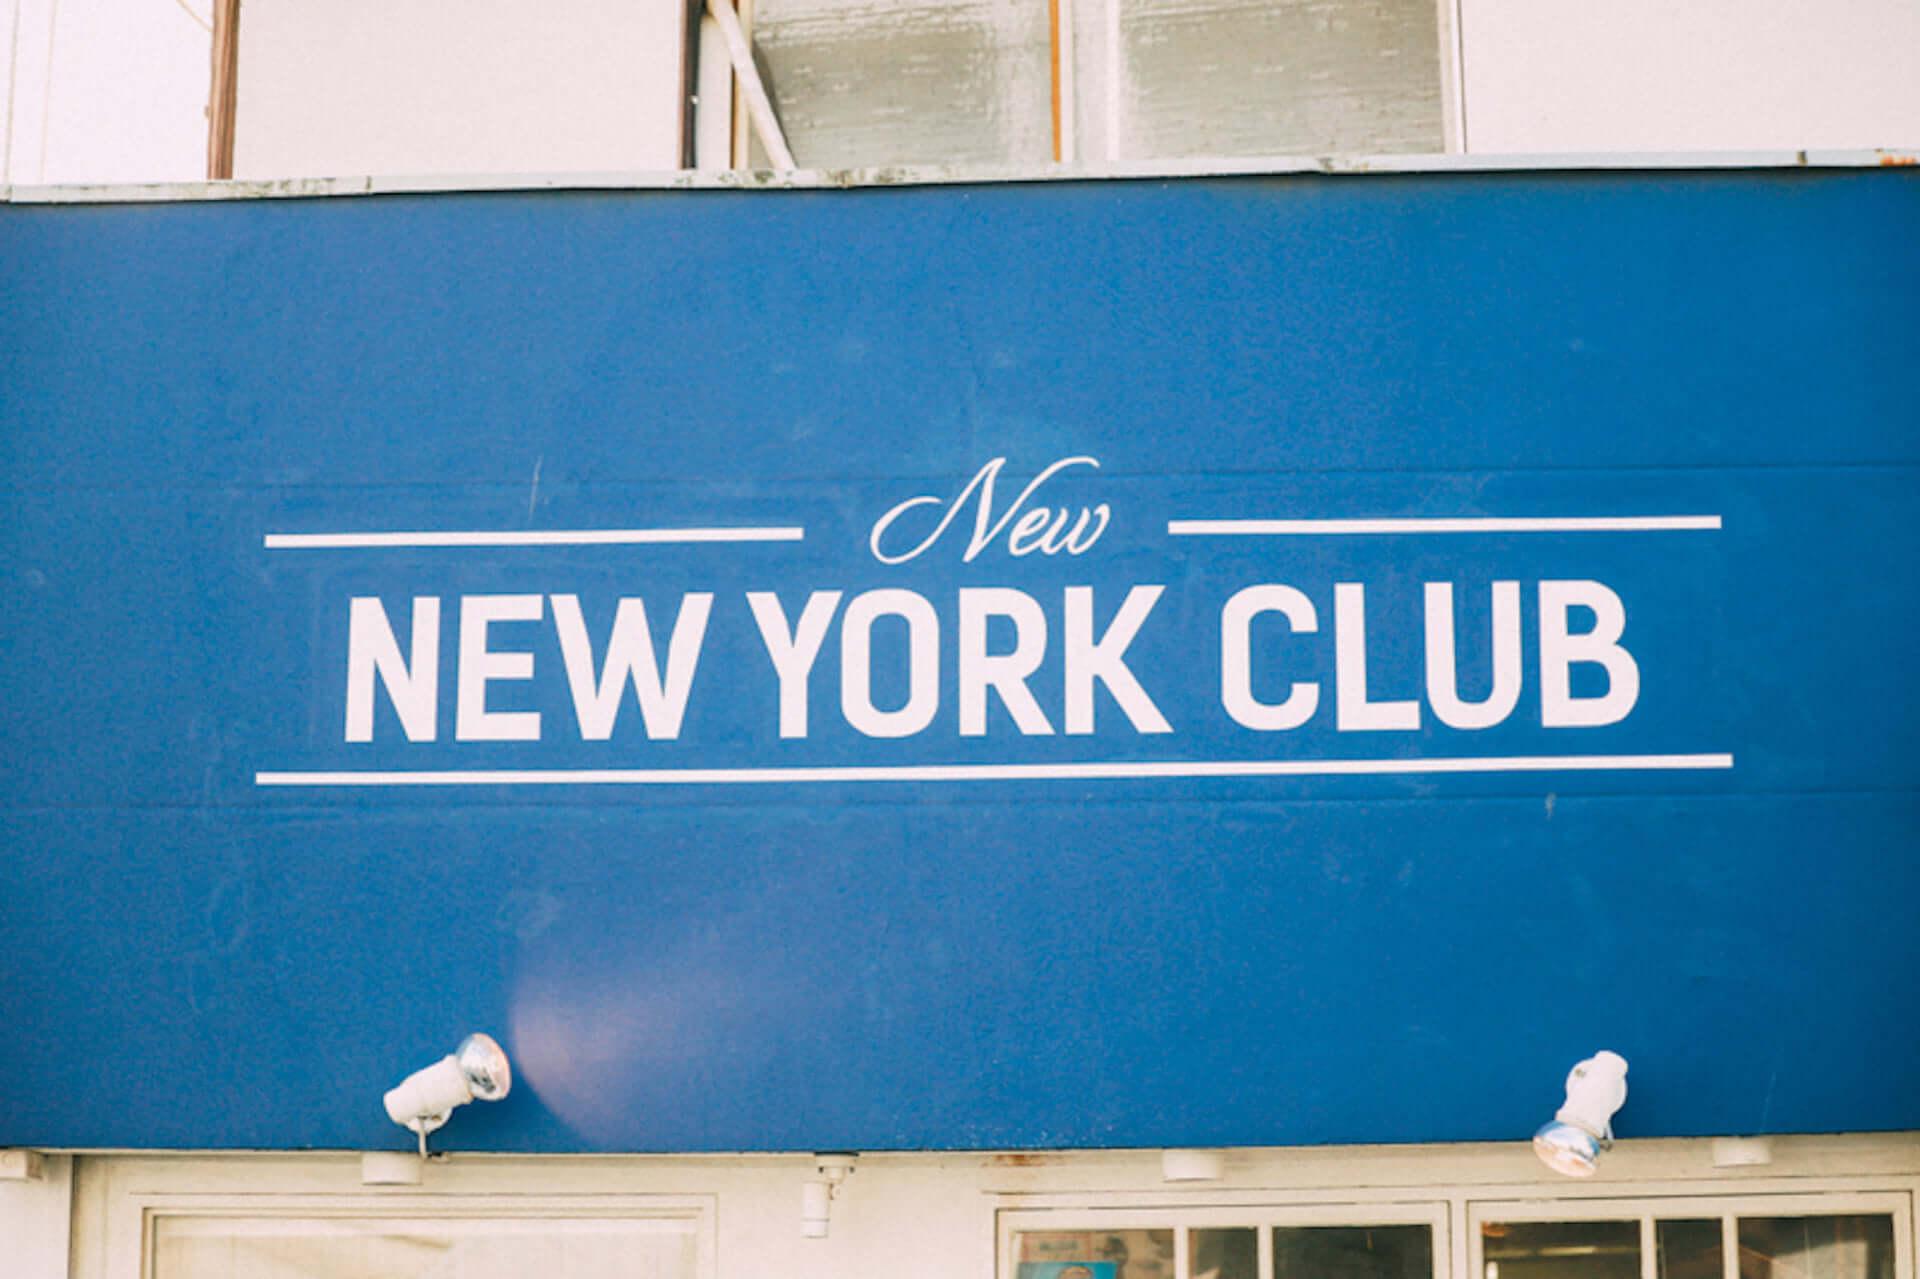 コウキシン女子の初体験vol.13老月ミカ:O 代官山 / NEW NEW YORK CLUB pickup190228_koukishinjyoshi_25-1920x1279